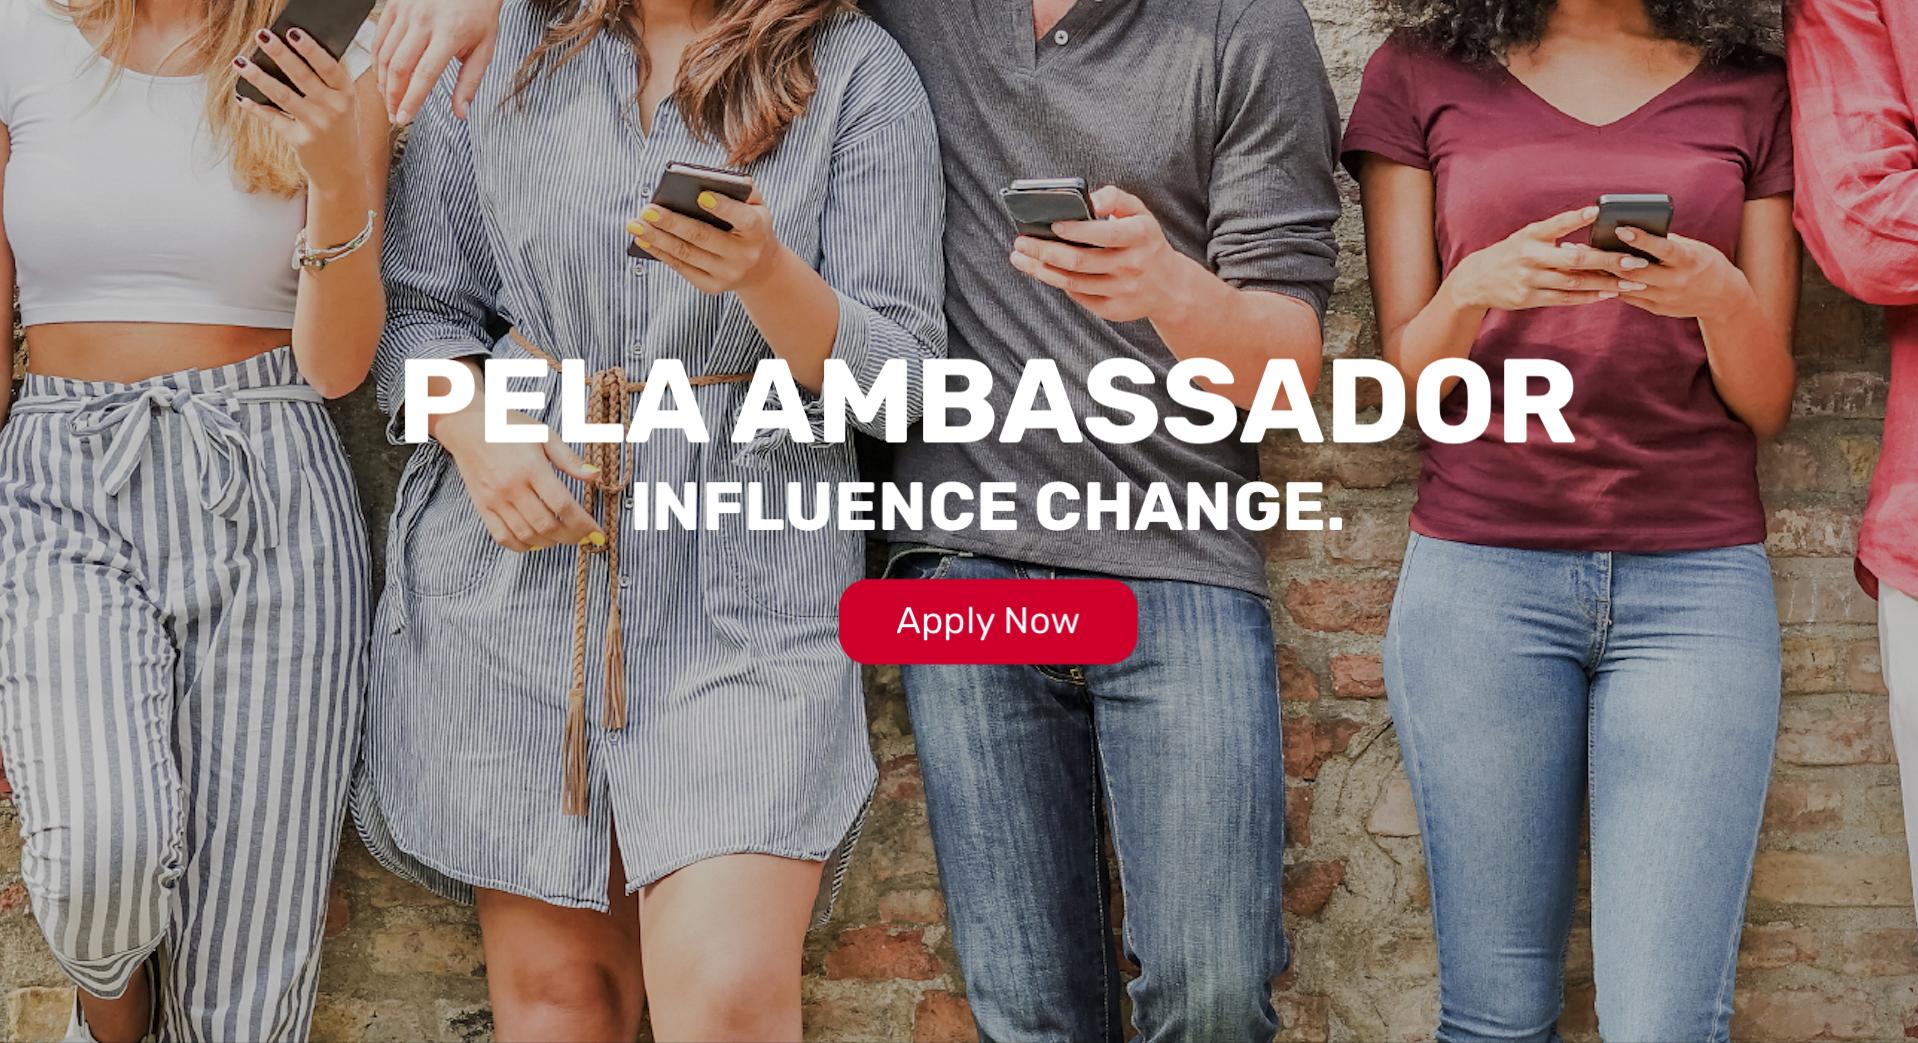 Pela Ambassador click to apply